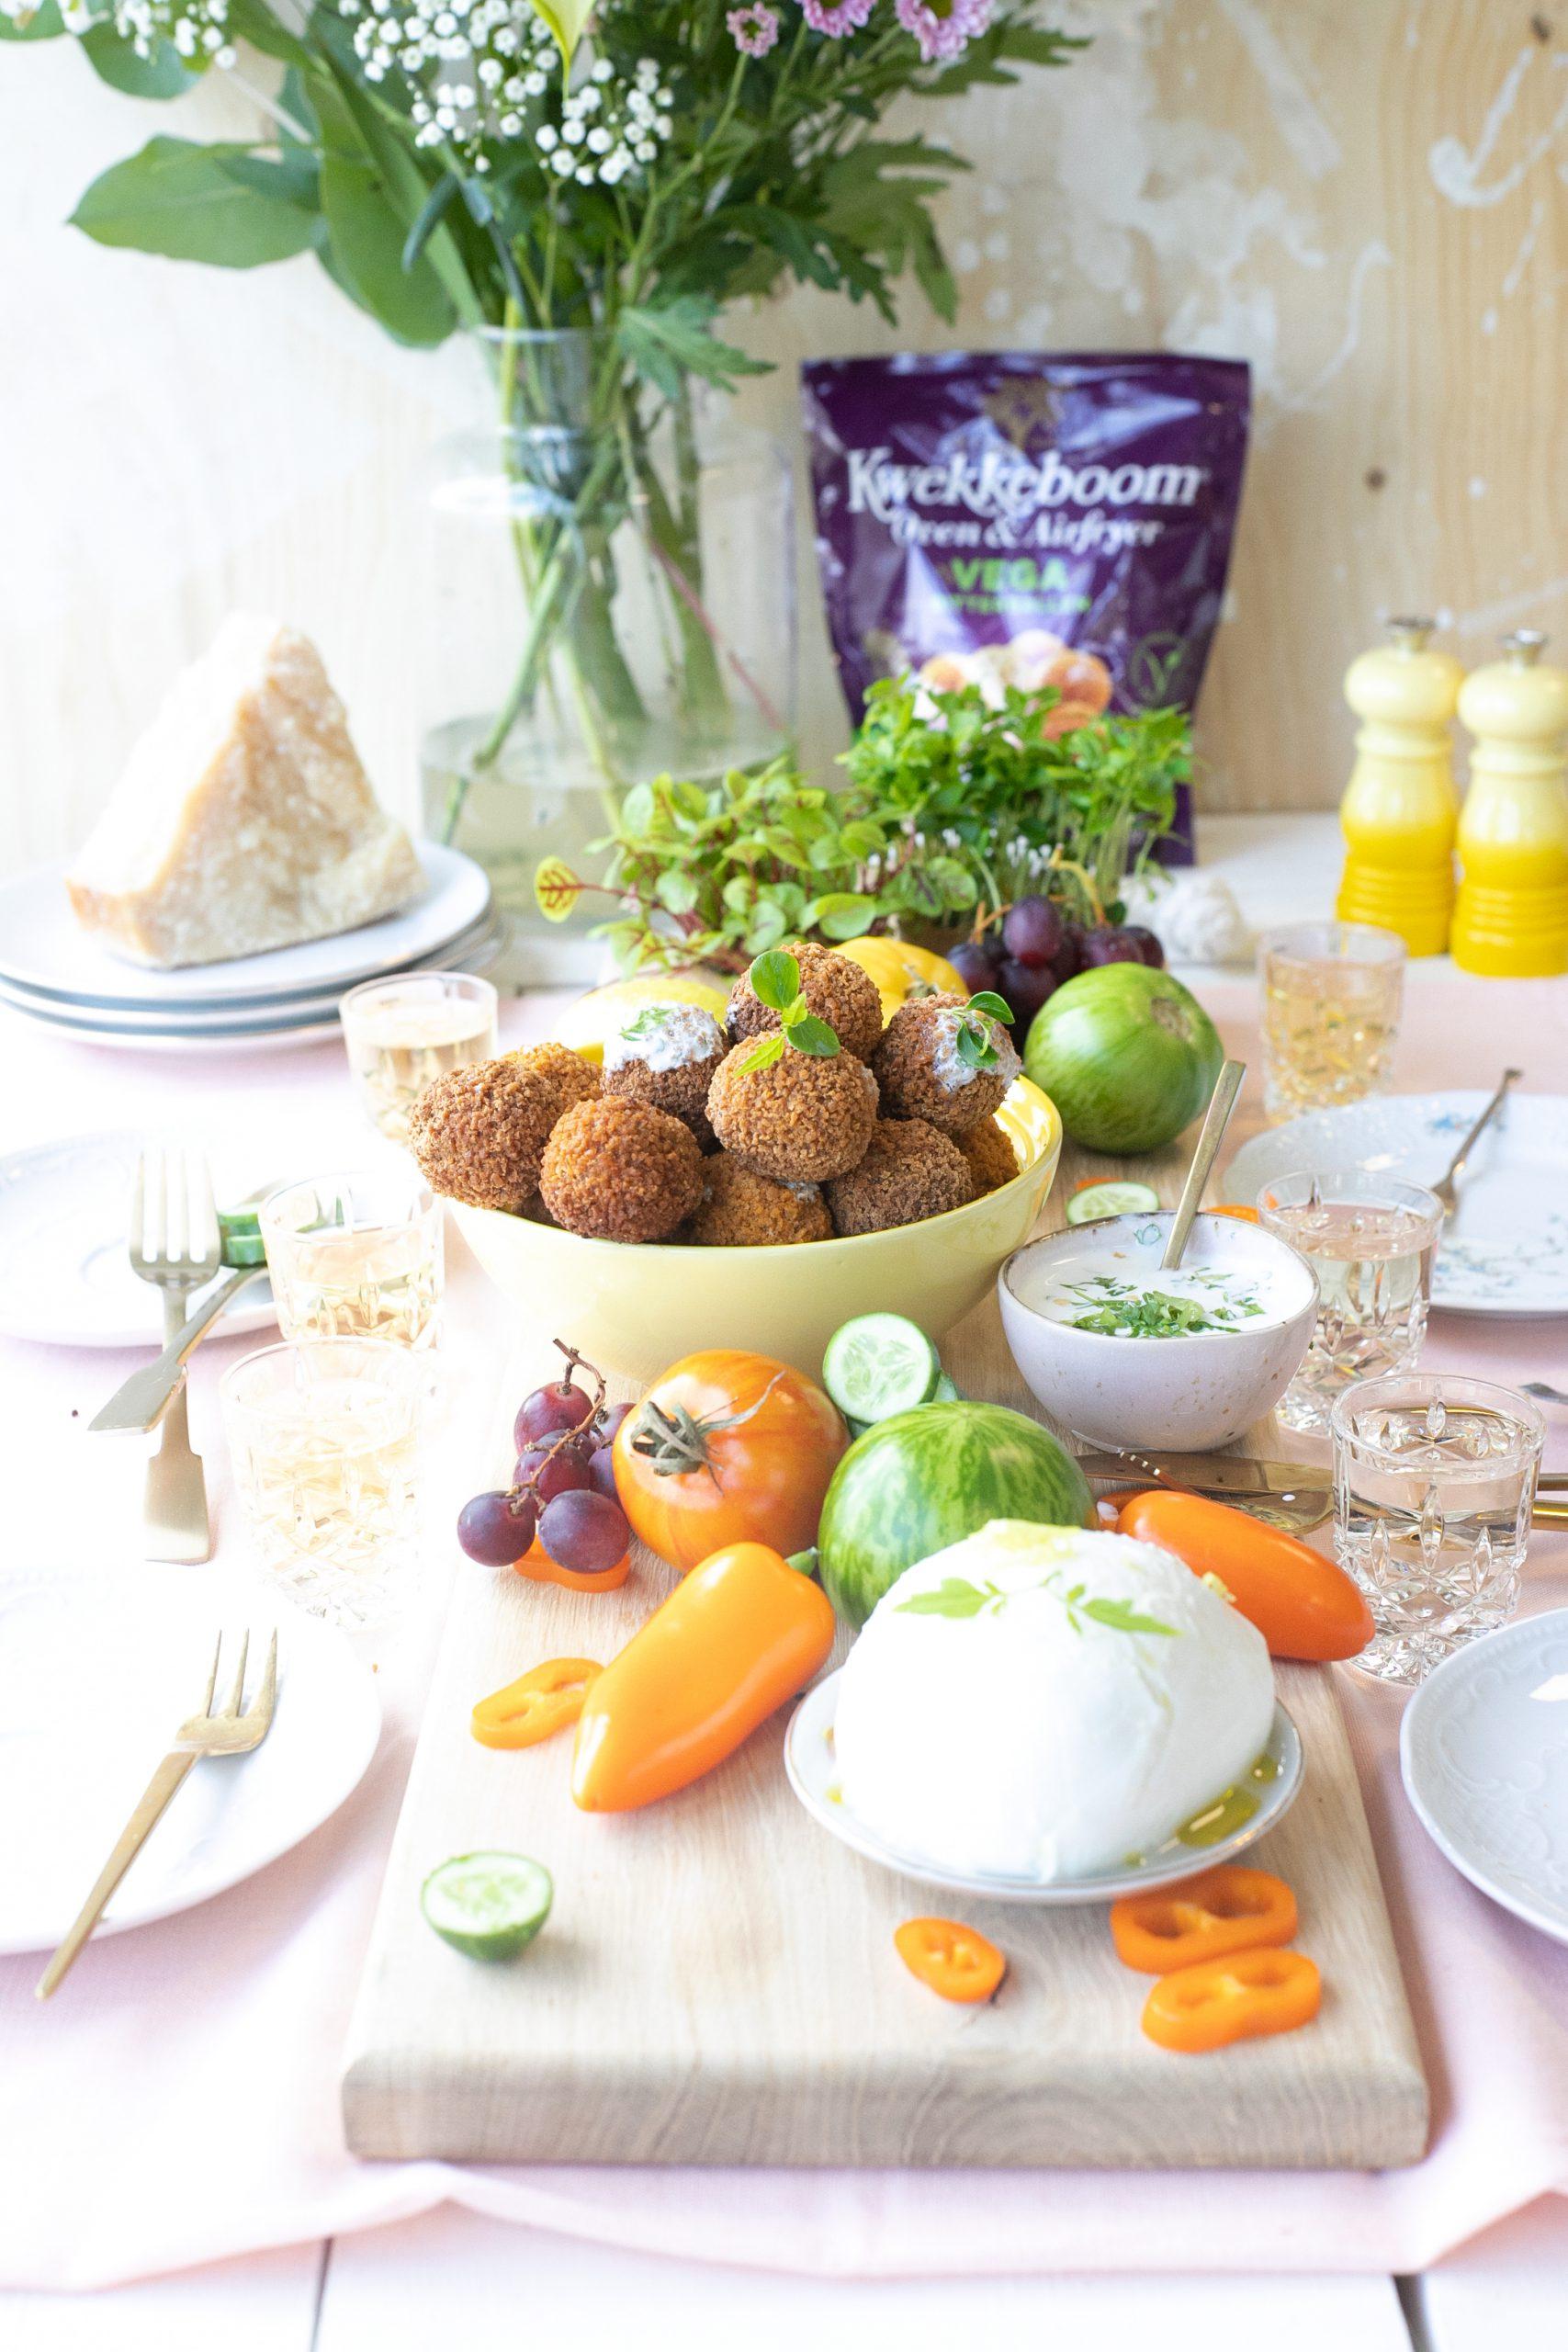 Heerlijke vegetarische borrelplank met bitterballen 'The Lemon Kitchen